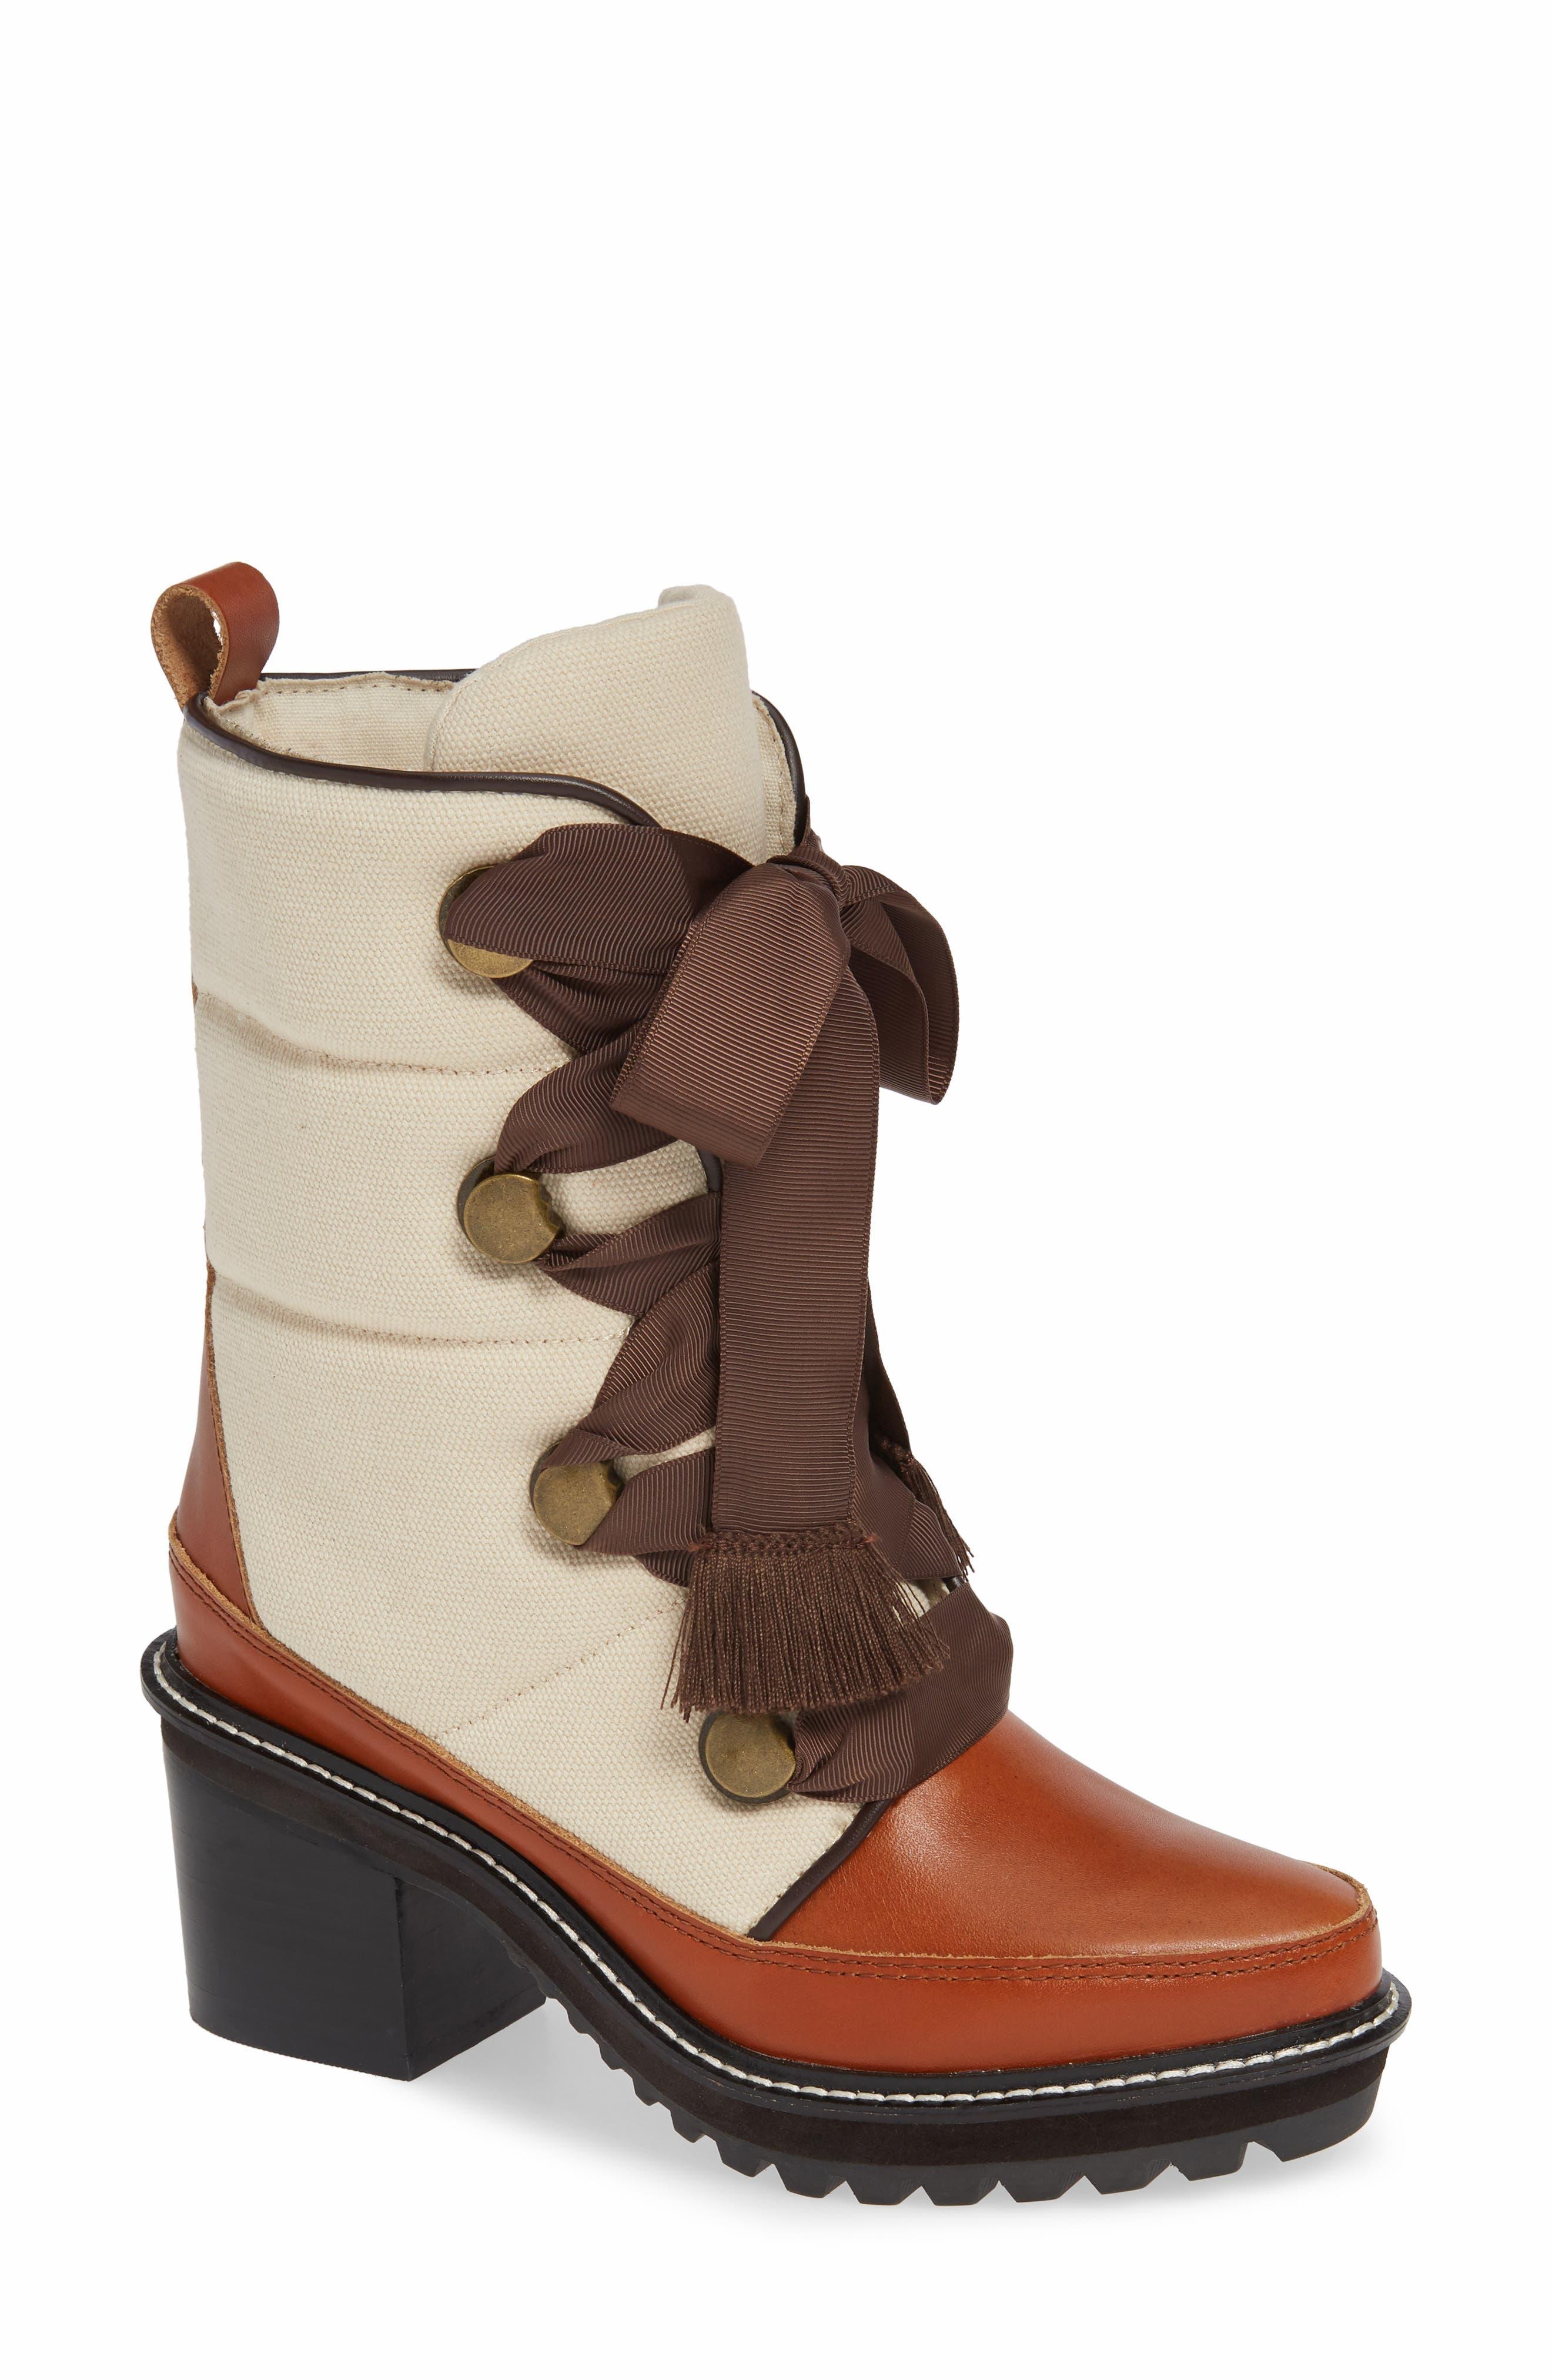 Kelsi Dagger Brooklyn Puffin Lug Sole Boot, Ivory